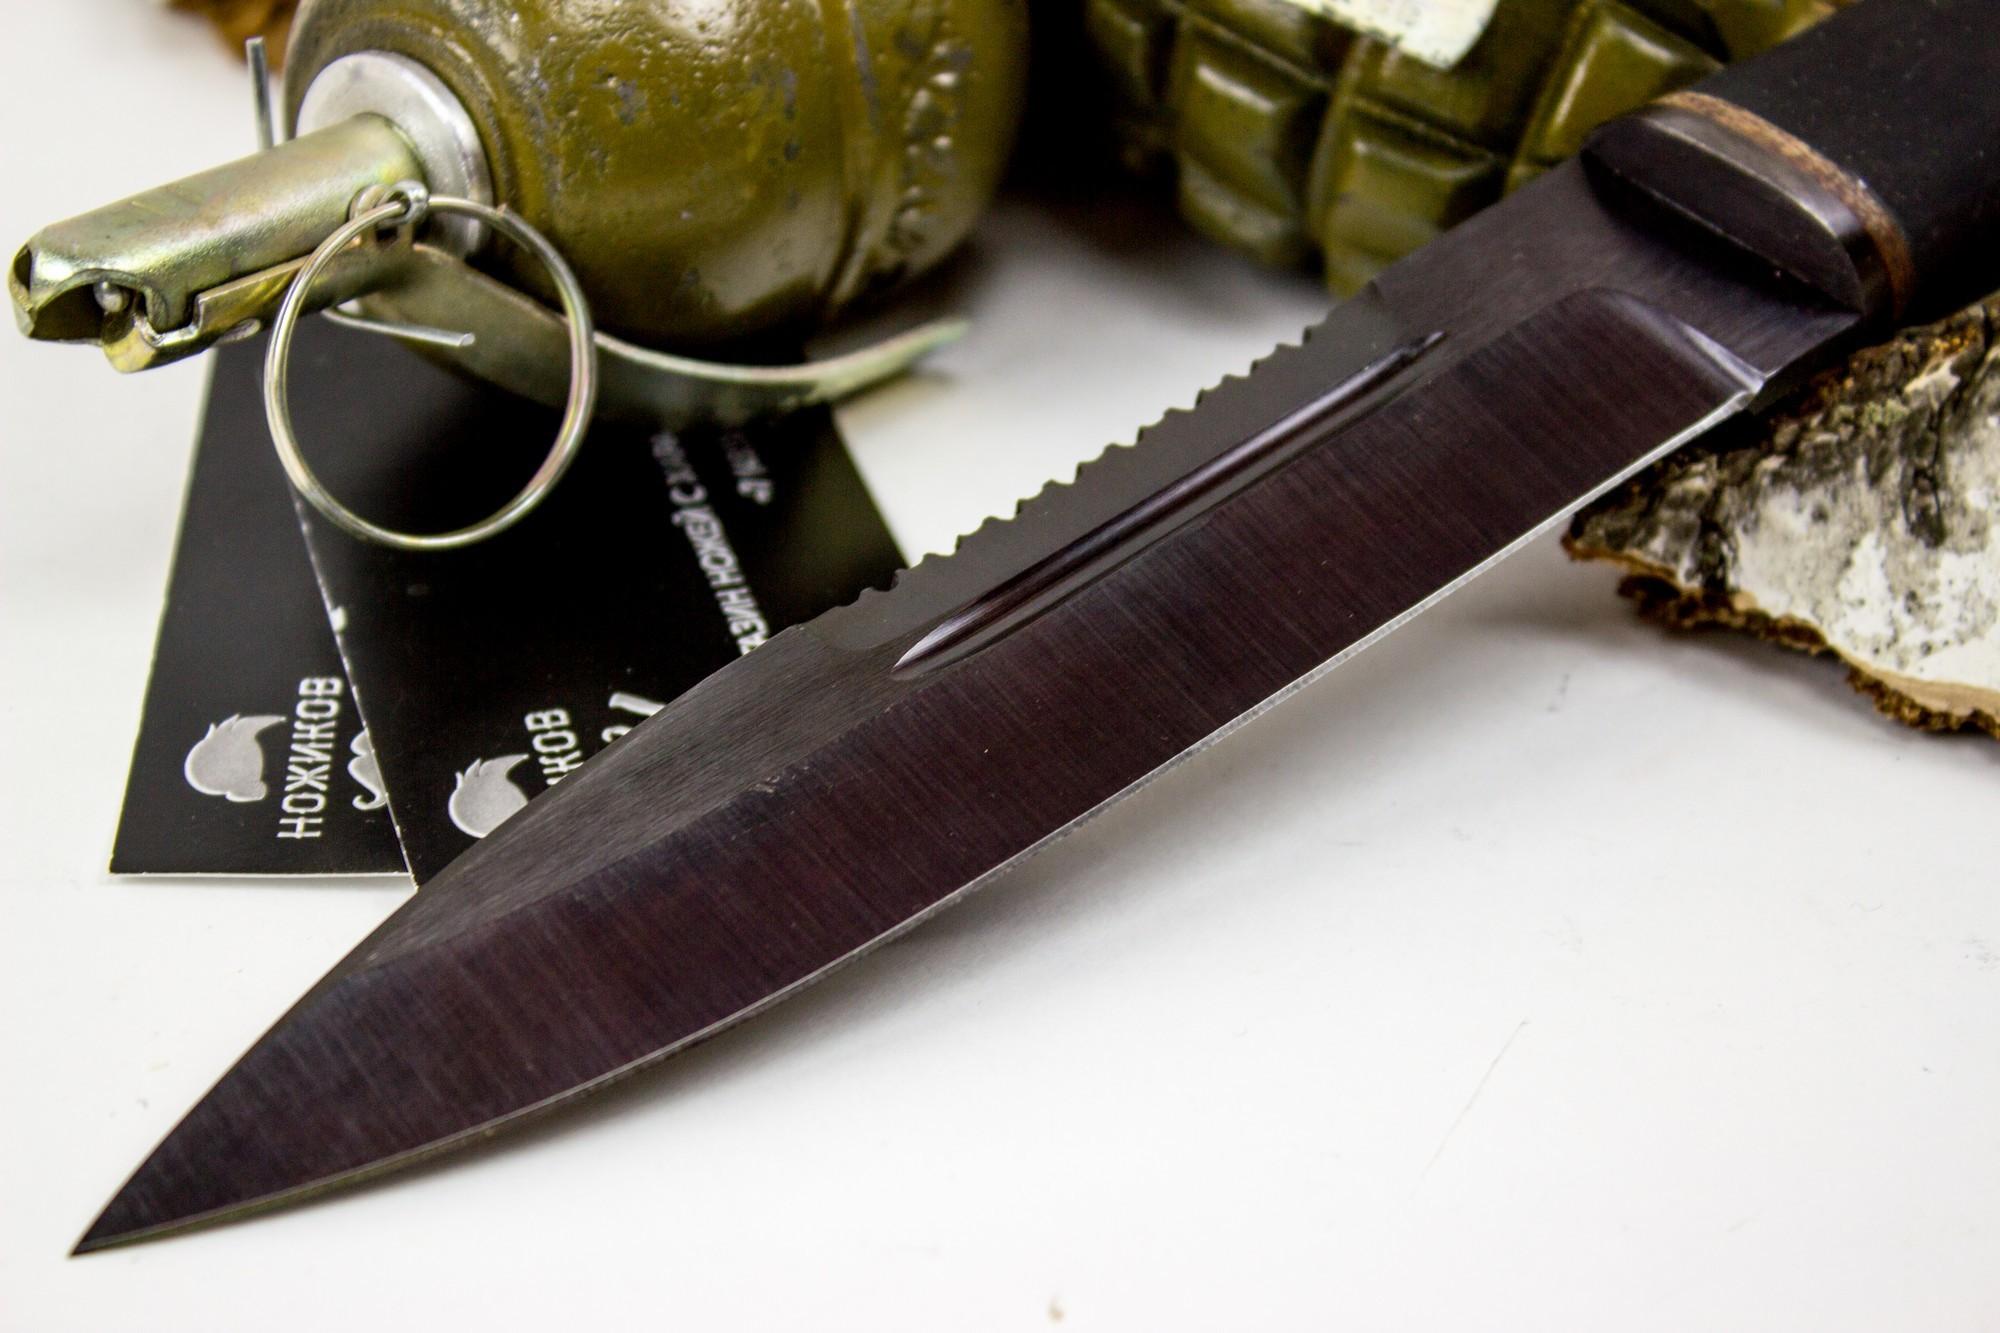 Фото 7 - Нож Казак-2, сталь 65Г, резина от Титов и Солдатова